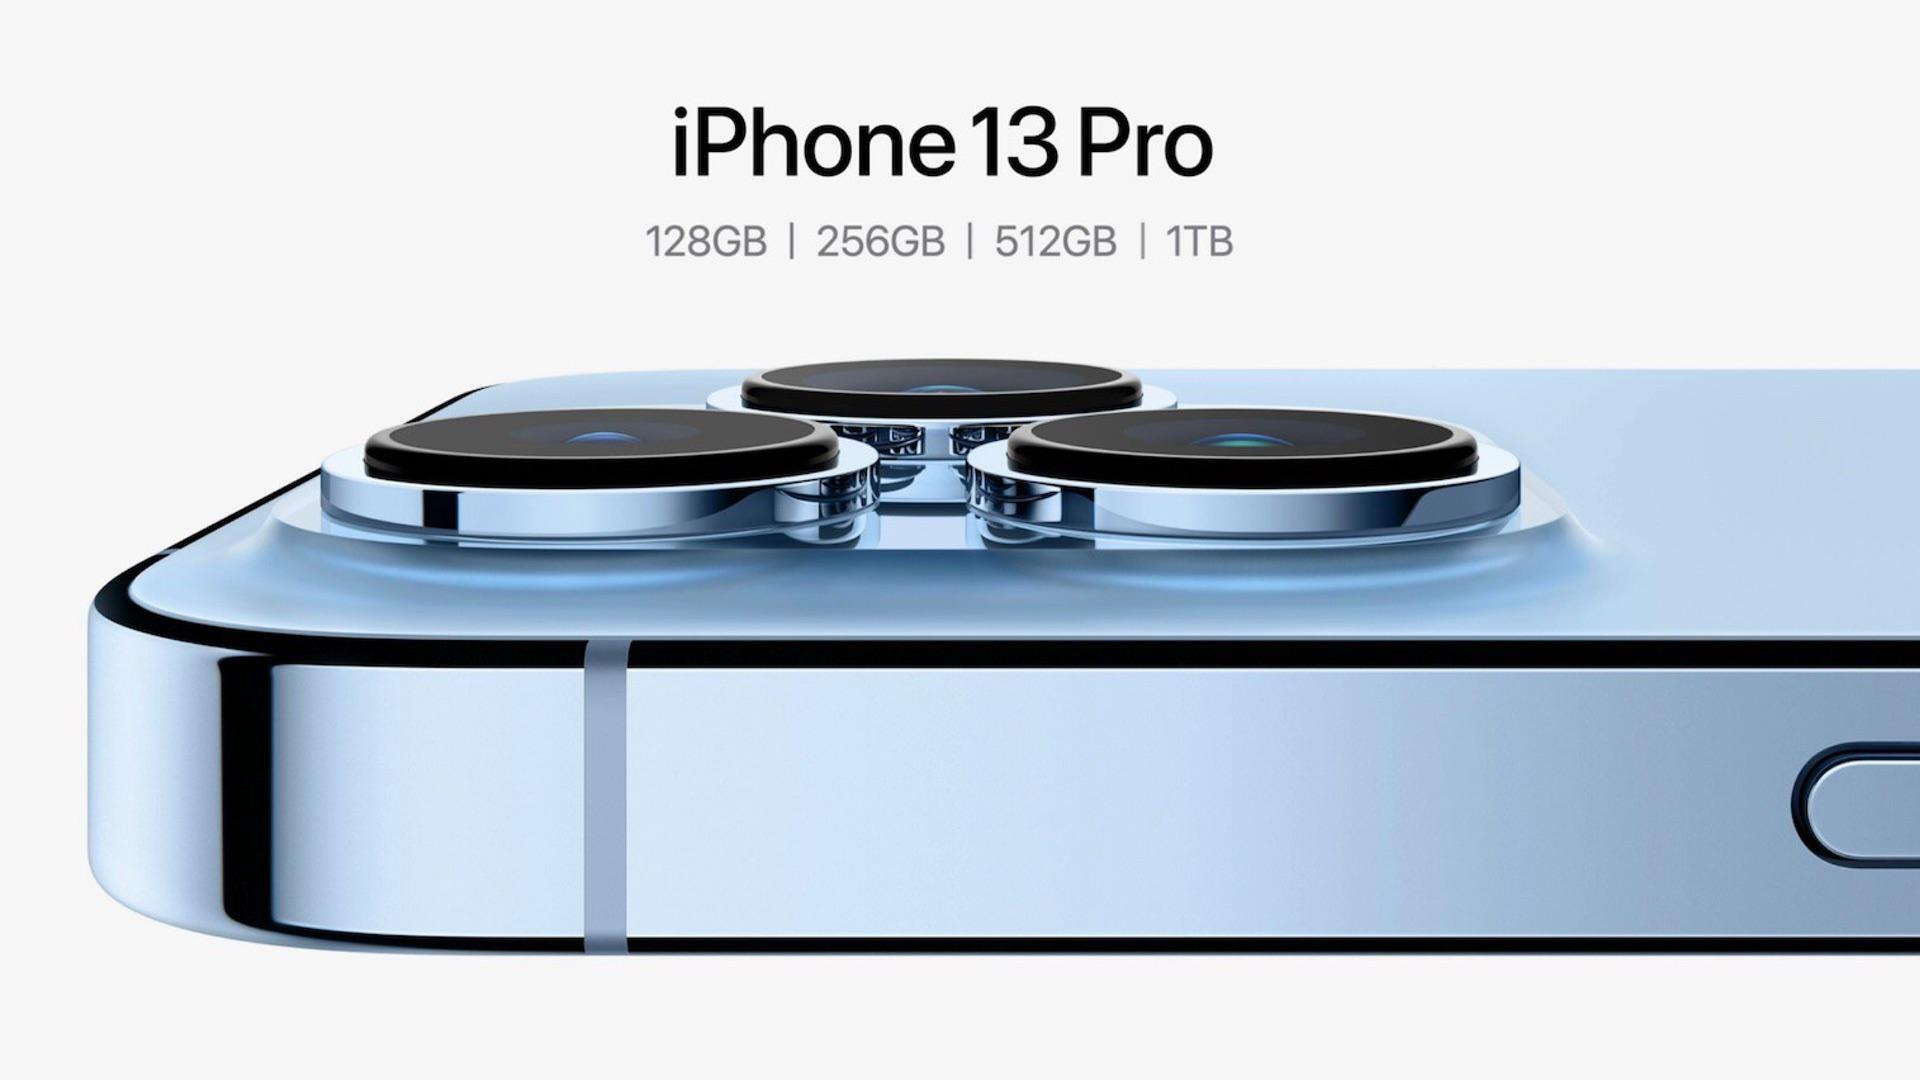 Nové funkcie fotoaparátu iPhone 13: makro, režim filmu, fotografické štýly, vylepšenia senzorov a ďalšie skvelé novinky